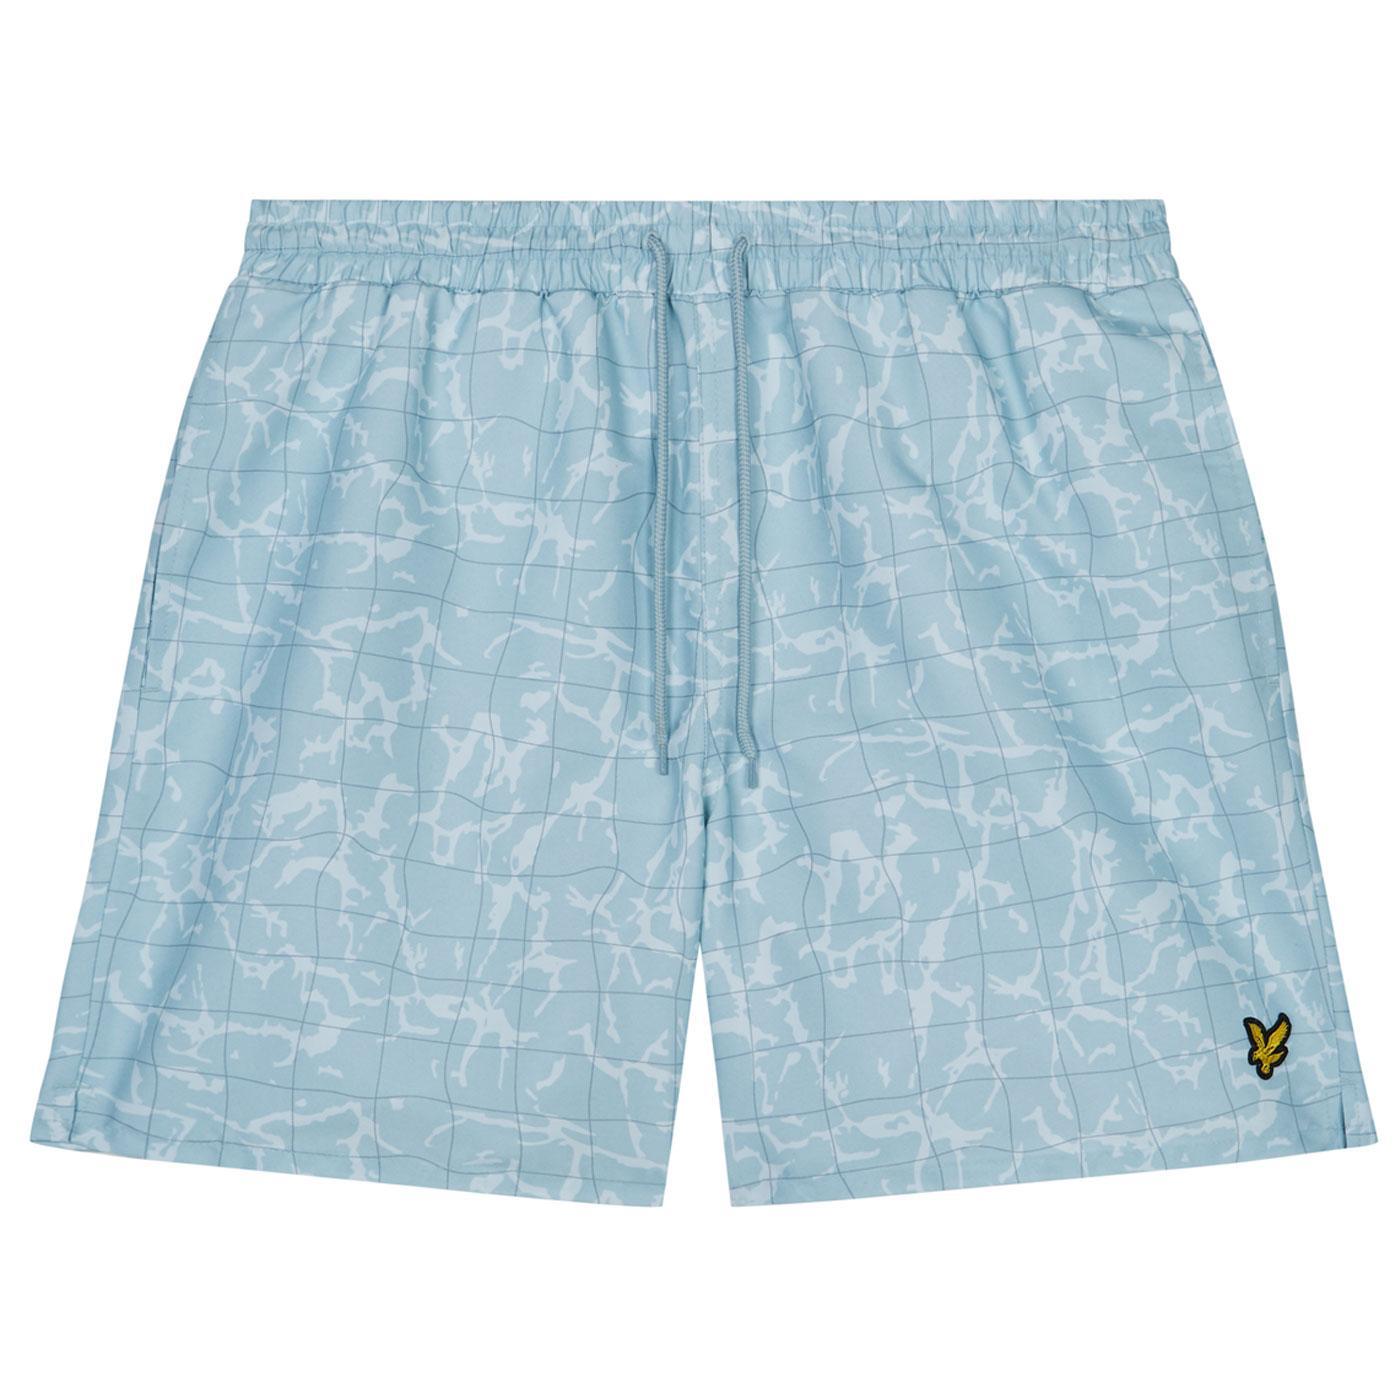 LYLE & SCOTT Blue Shore Pool Print Swim Shorts